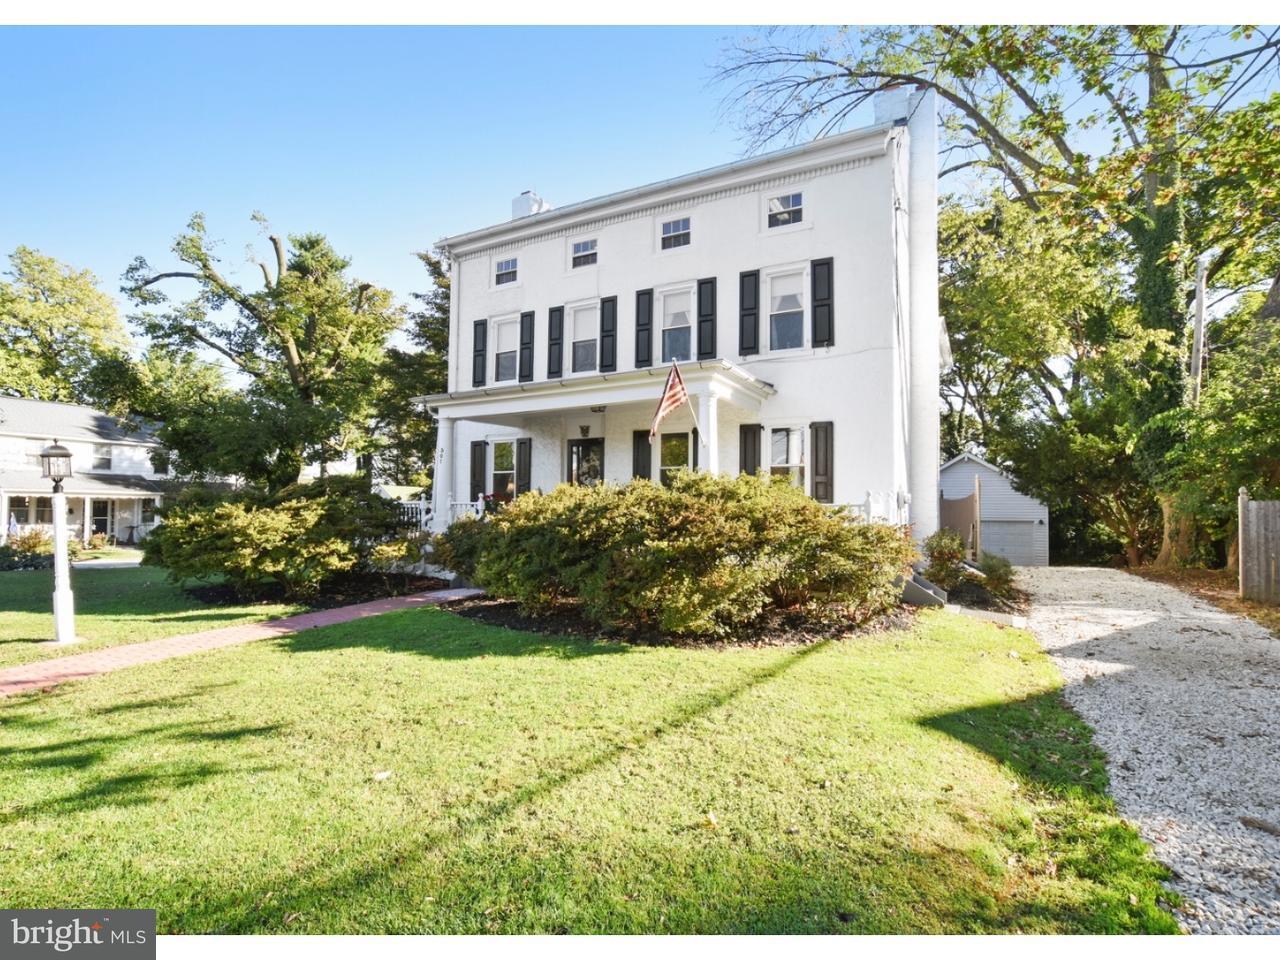 Single Family Home for Sale at 507 BRYN MAWR Avenue Bala Cynwyd, Pennsylvania 19004 United States